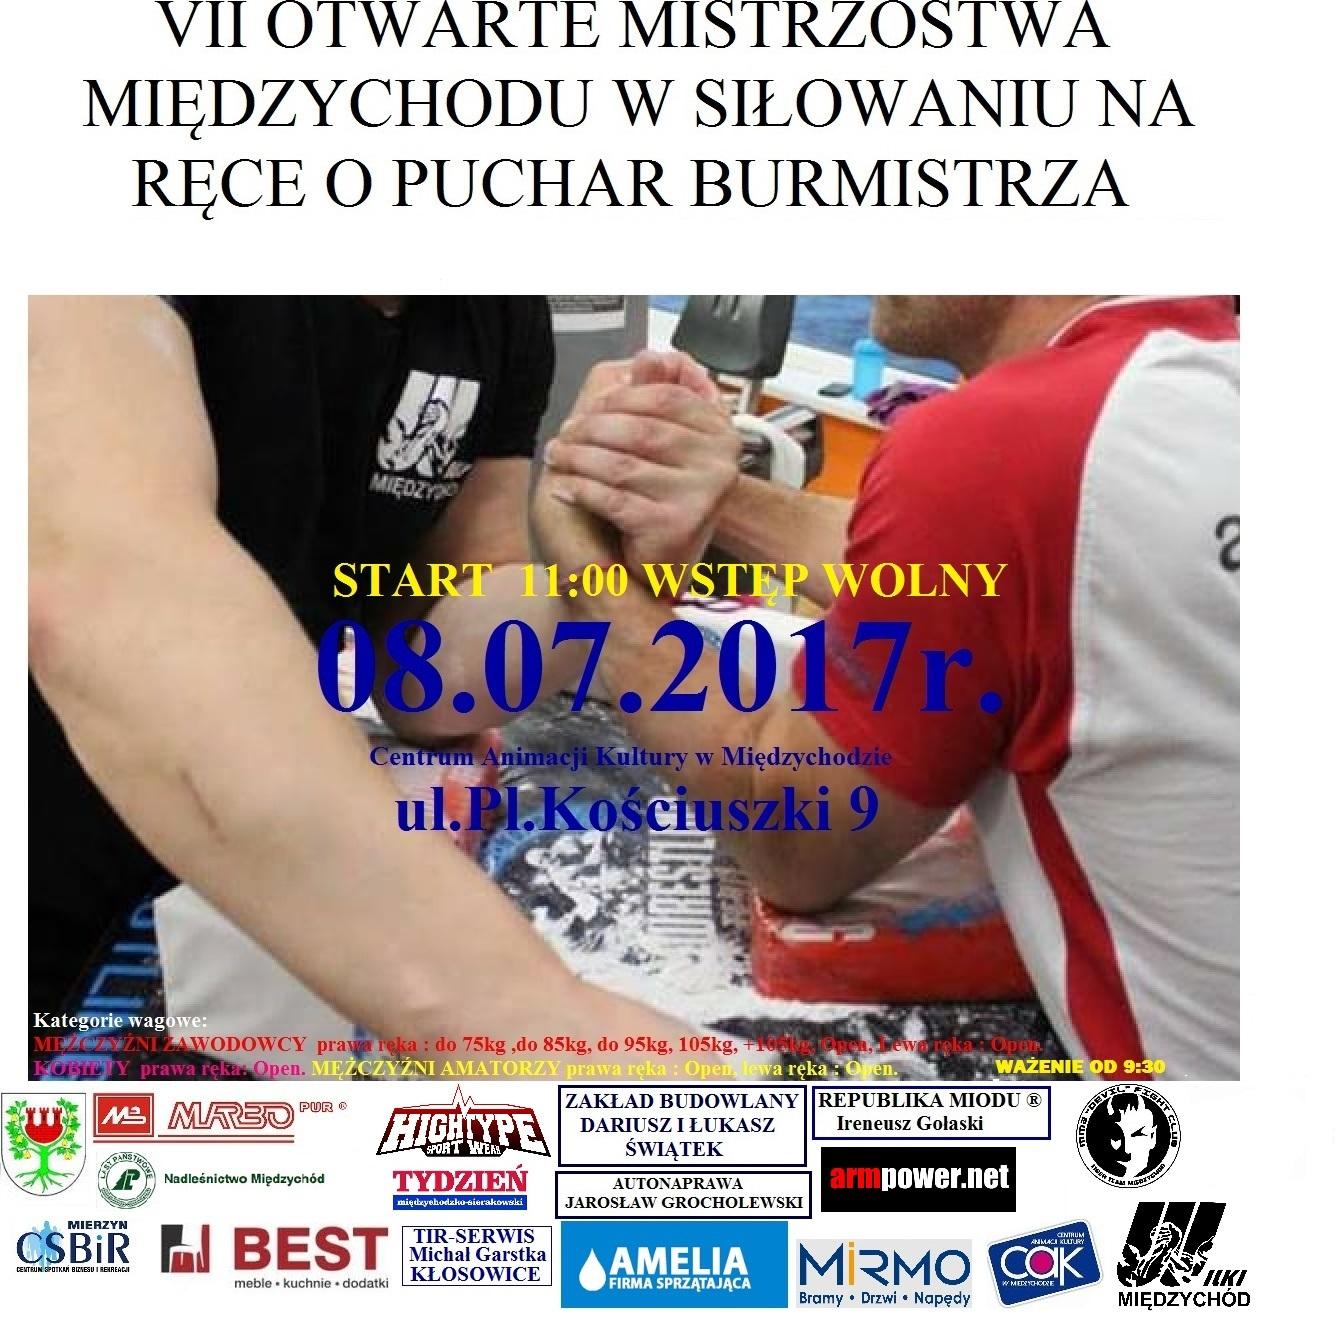 ce42cd_plakat-2017-mistrzostwa-miedzychodu.jpg